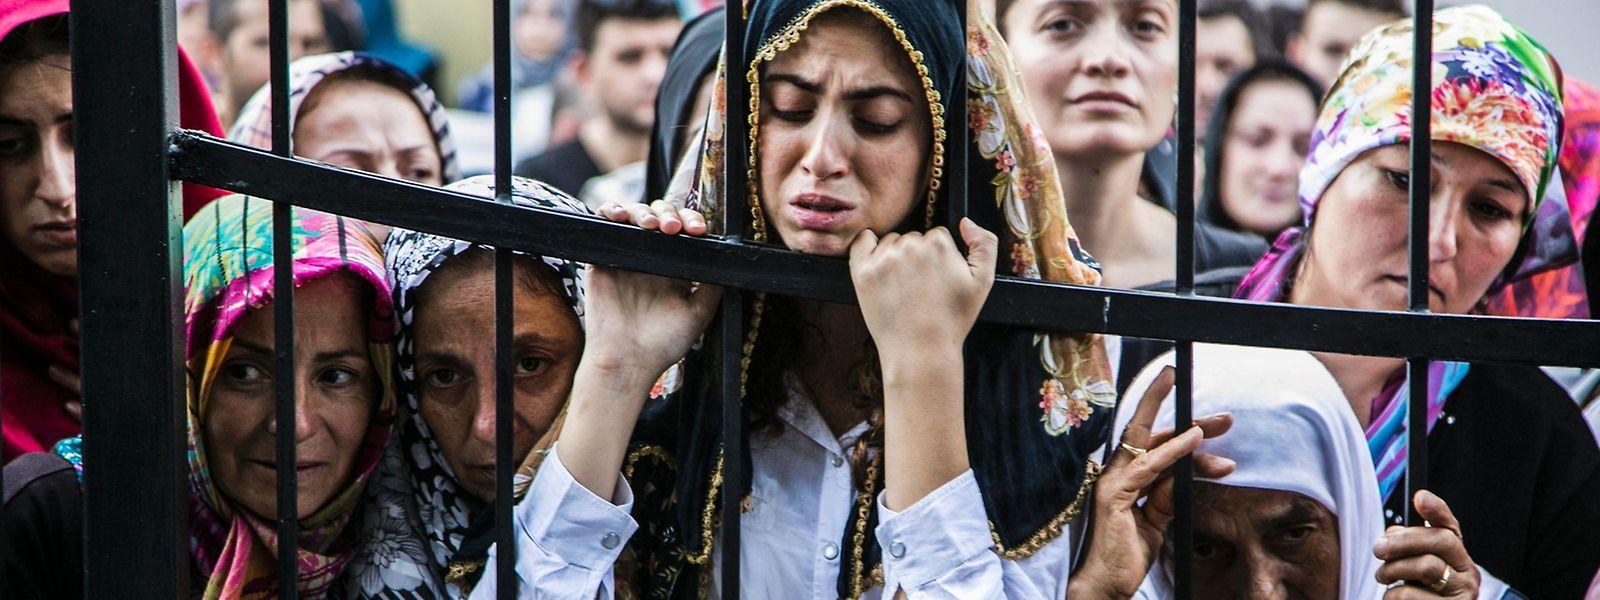 Türkinnen bei einer der Beerdigungen nach dem Putsch.